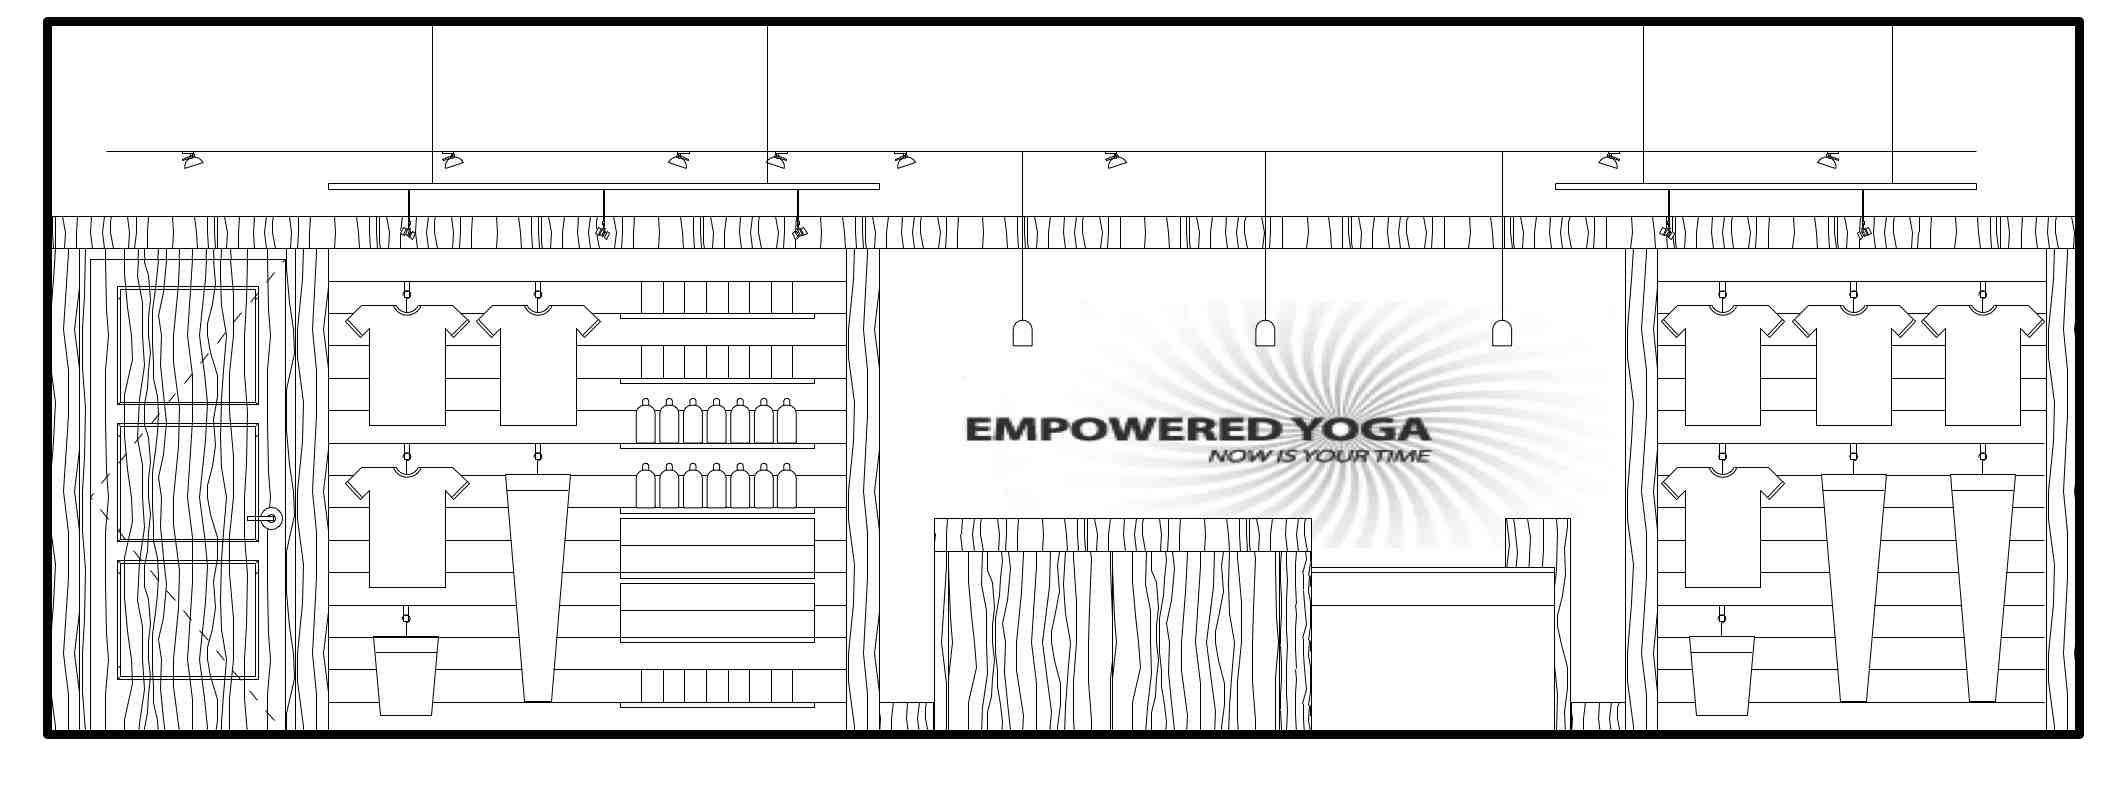 ELEV Empowered Yoga 1B.jpg